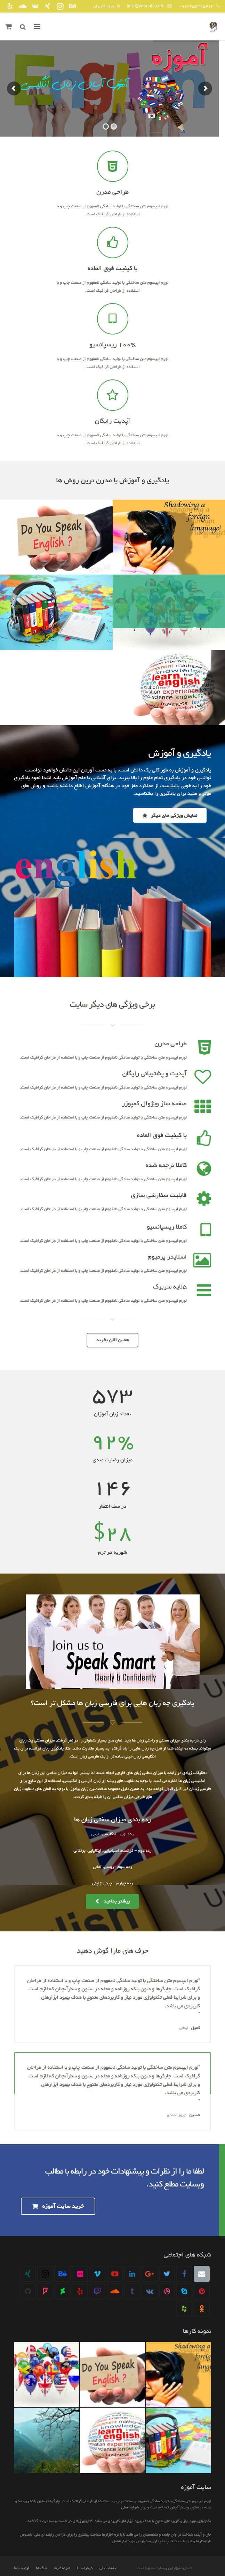 حالت تبلت سایت آموزشی آموزه